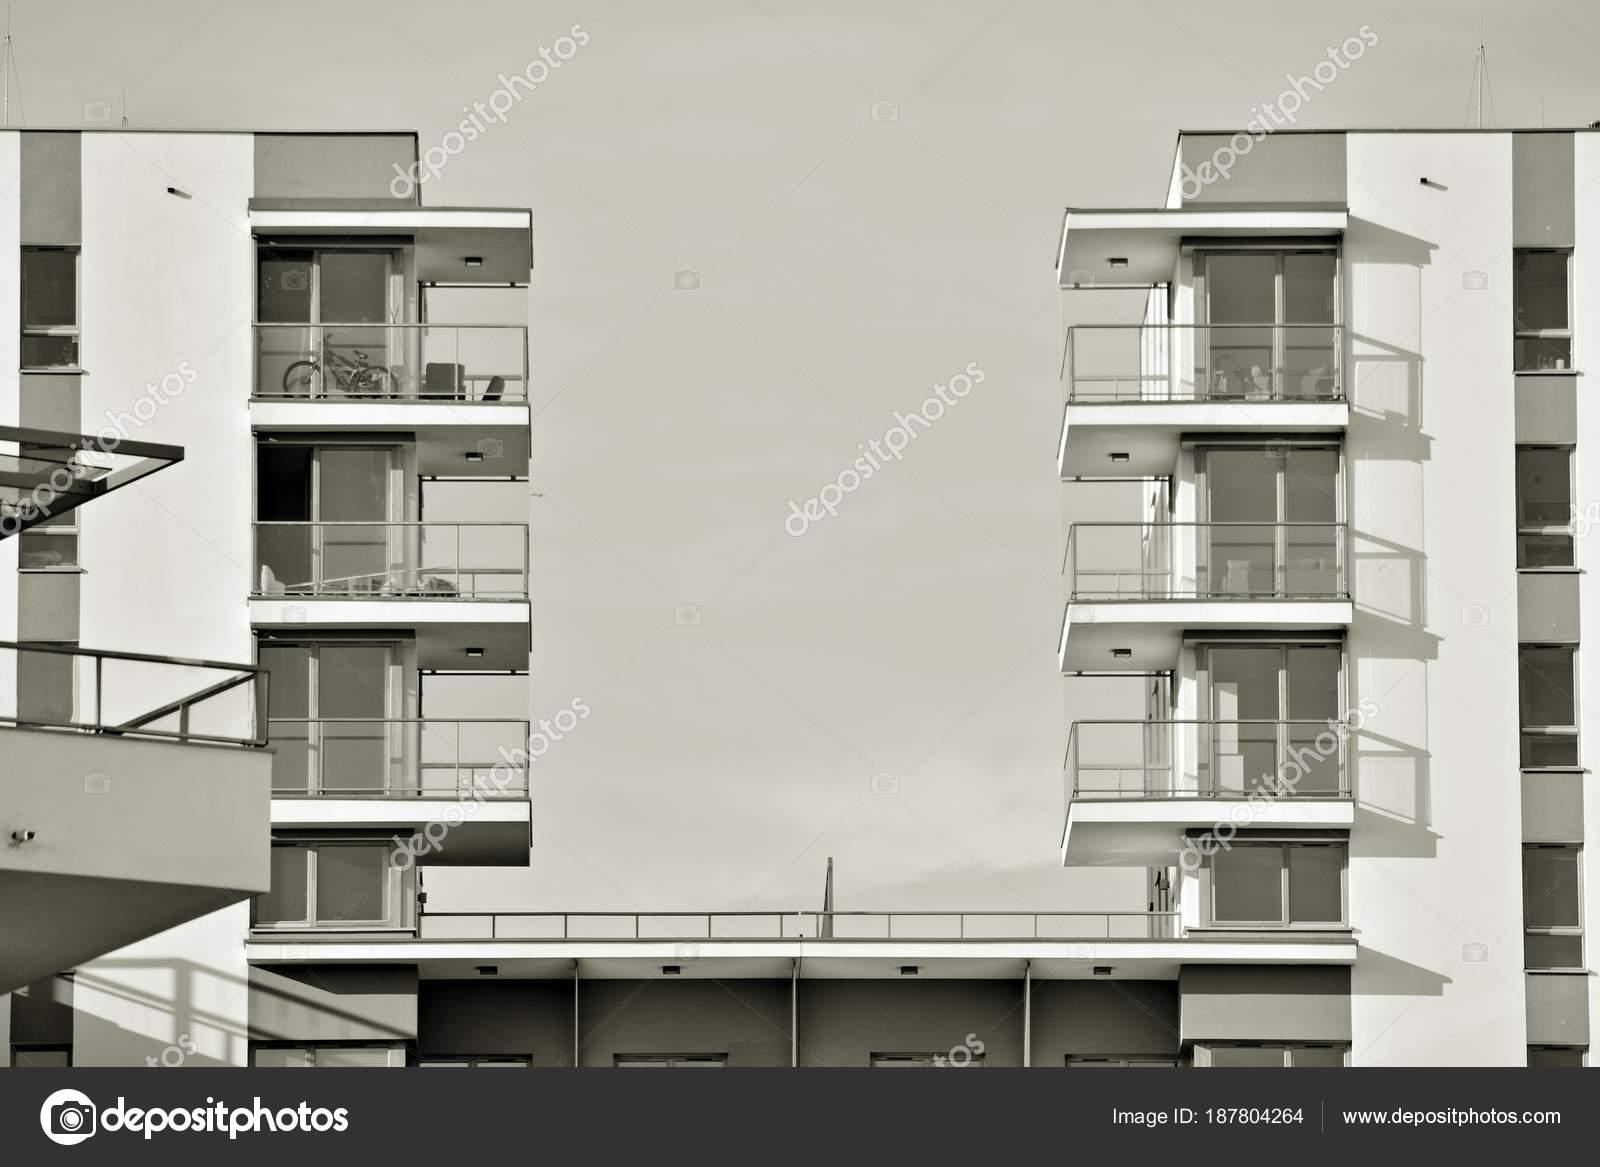 Zwart Wit Appartement : Detail van een moderne appartement nieuwbouw zwart wit u2014 stockfoto